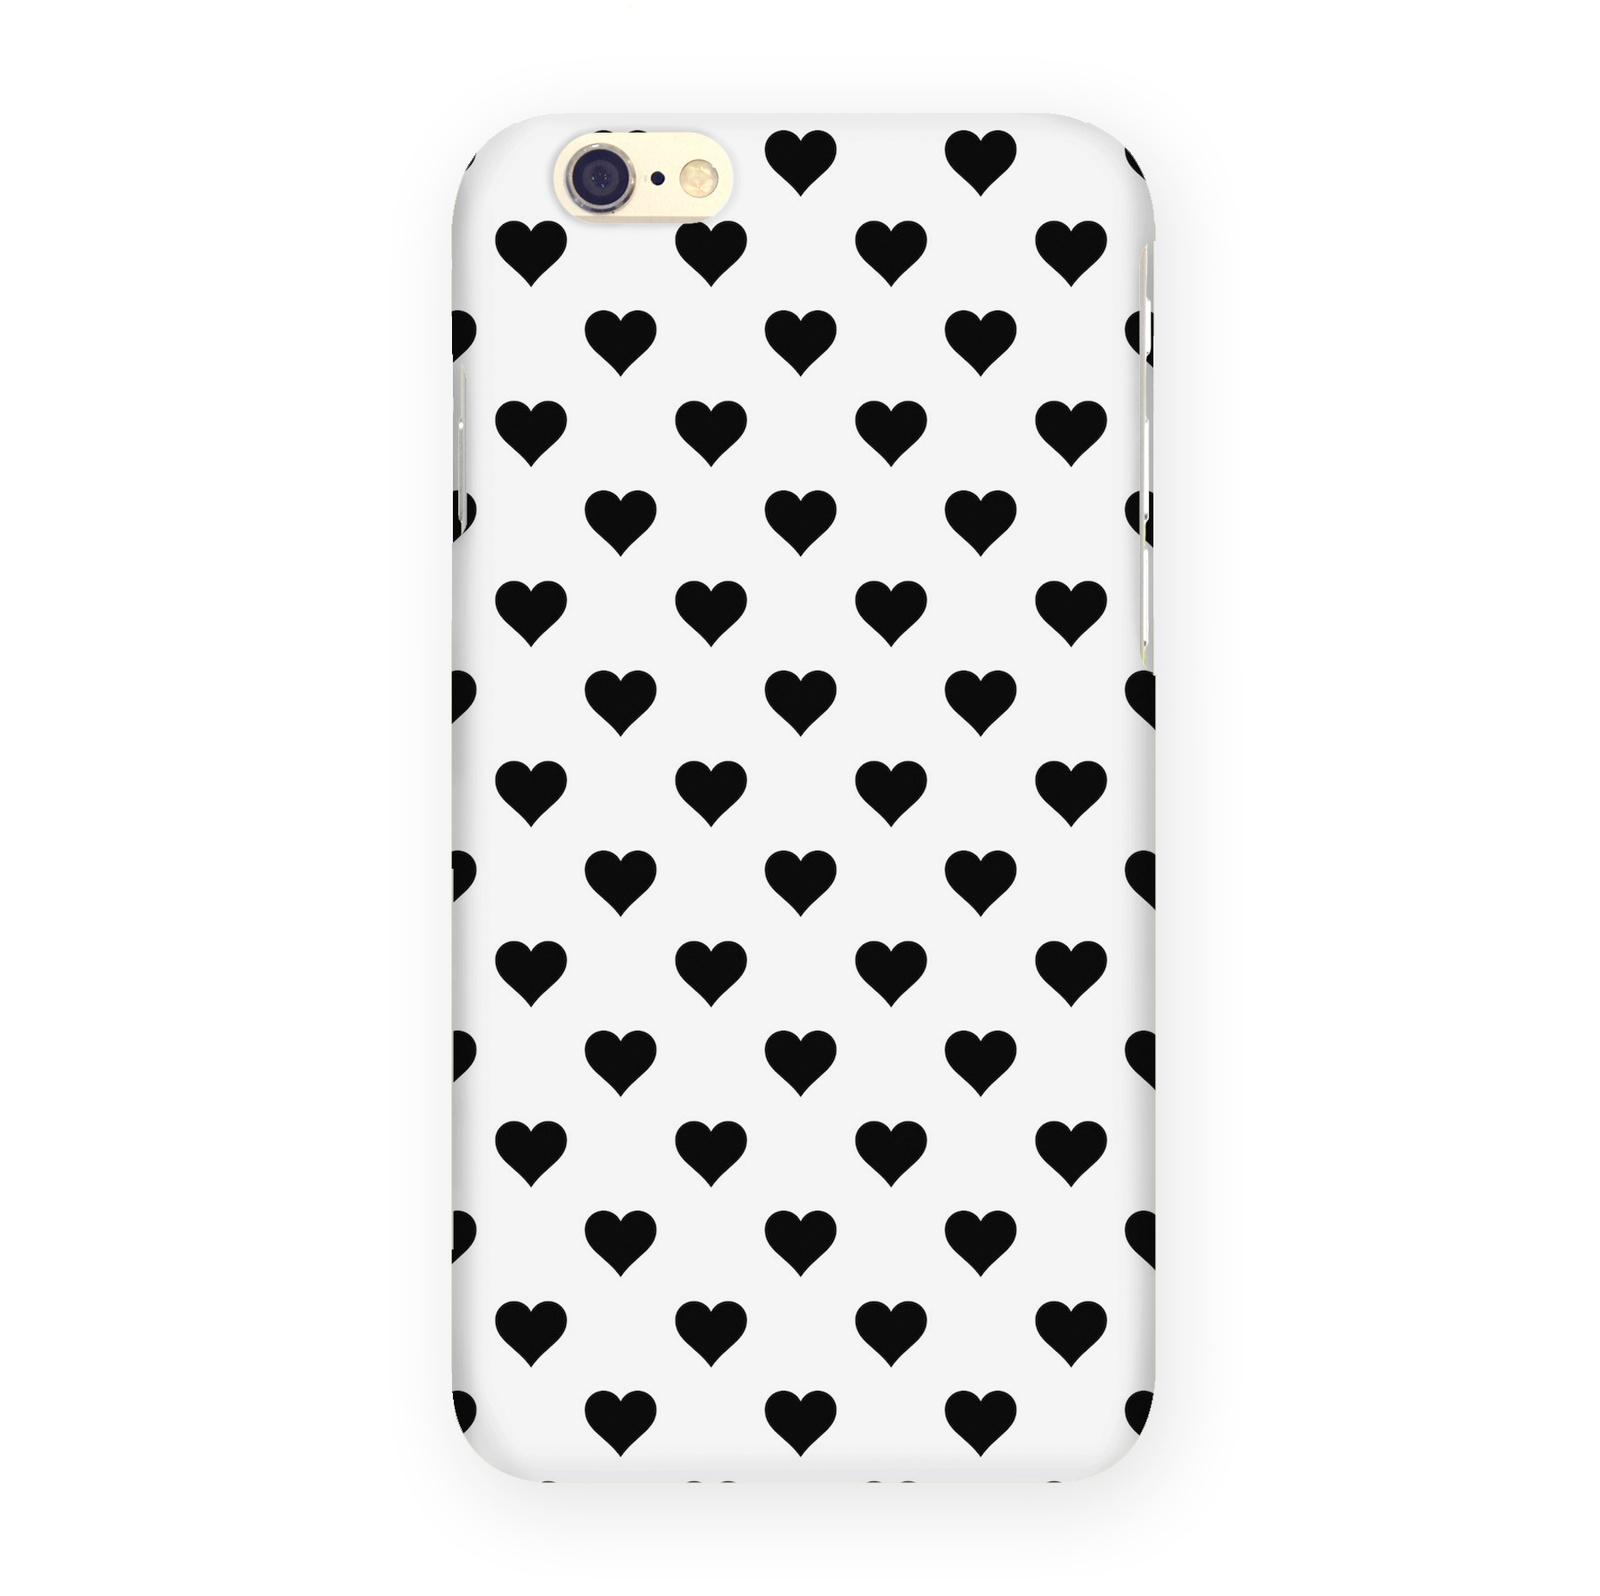 Чехол Mitya Veselkov Черные сердечки на белом, IP6.MITYA-321, для iPhone 6 чехол для iphone 6 mitya veselkov жостовский узор 1